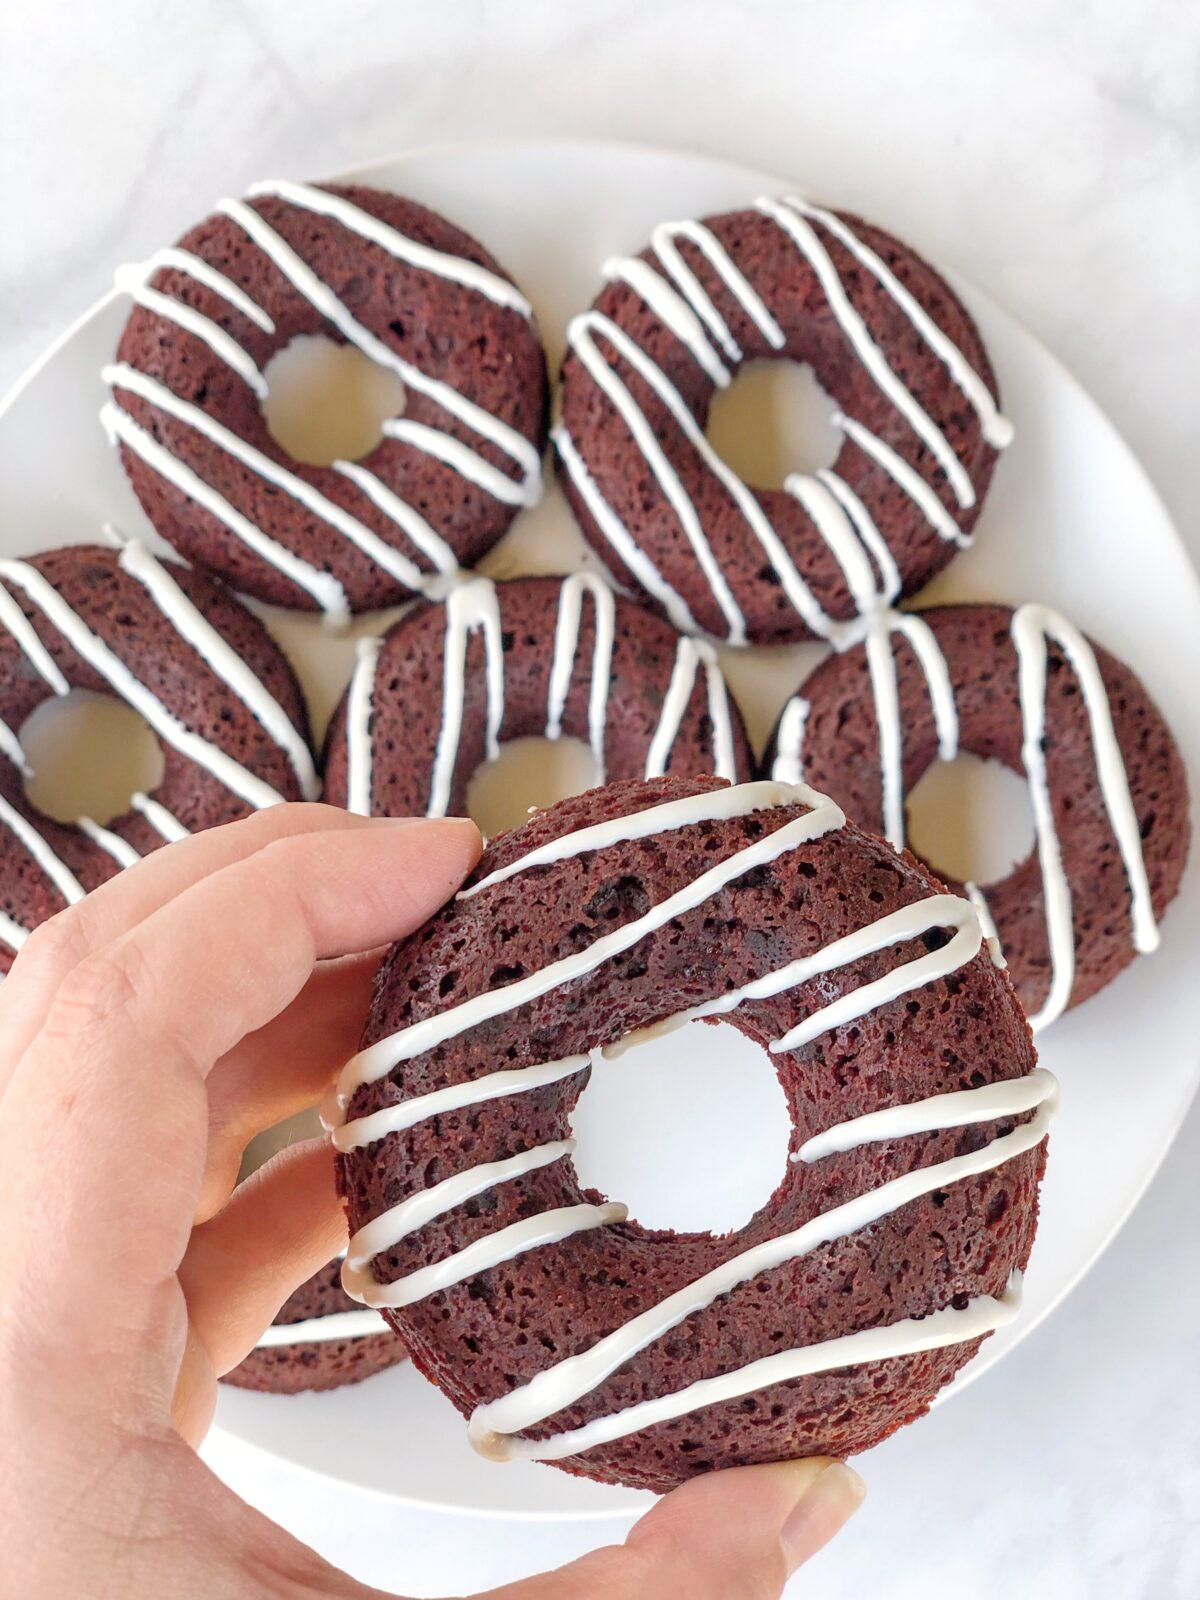 Baked Red Velvet Donuts Recipe